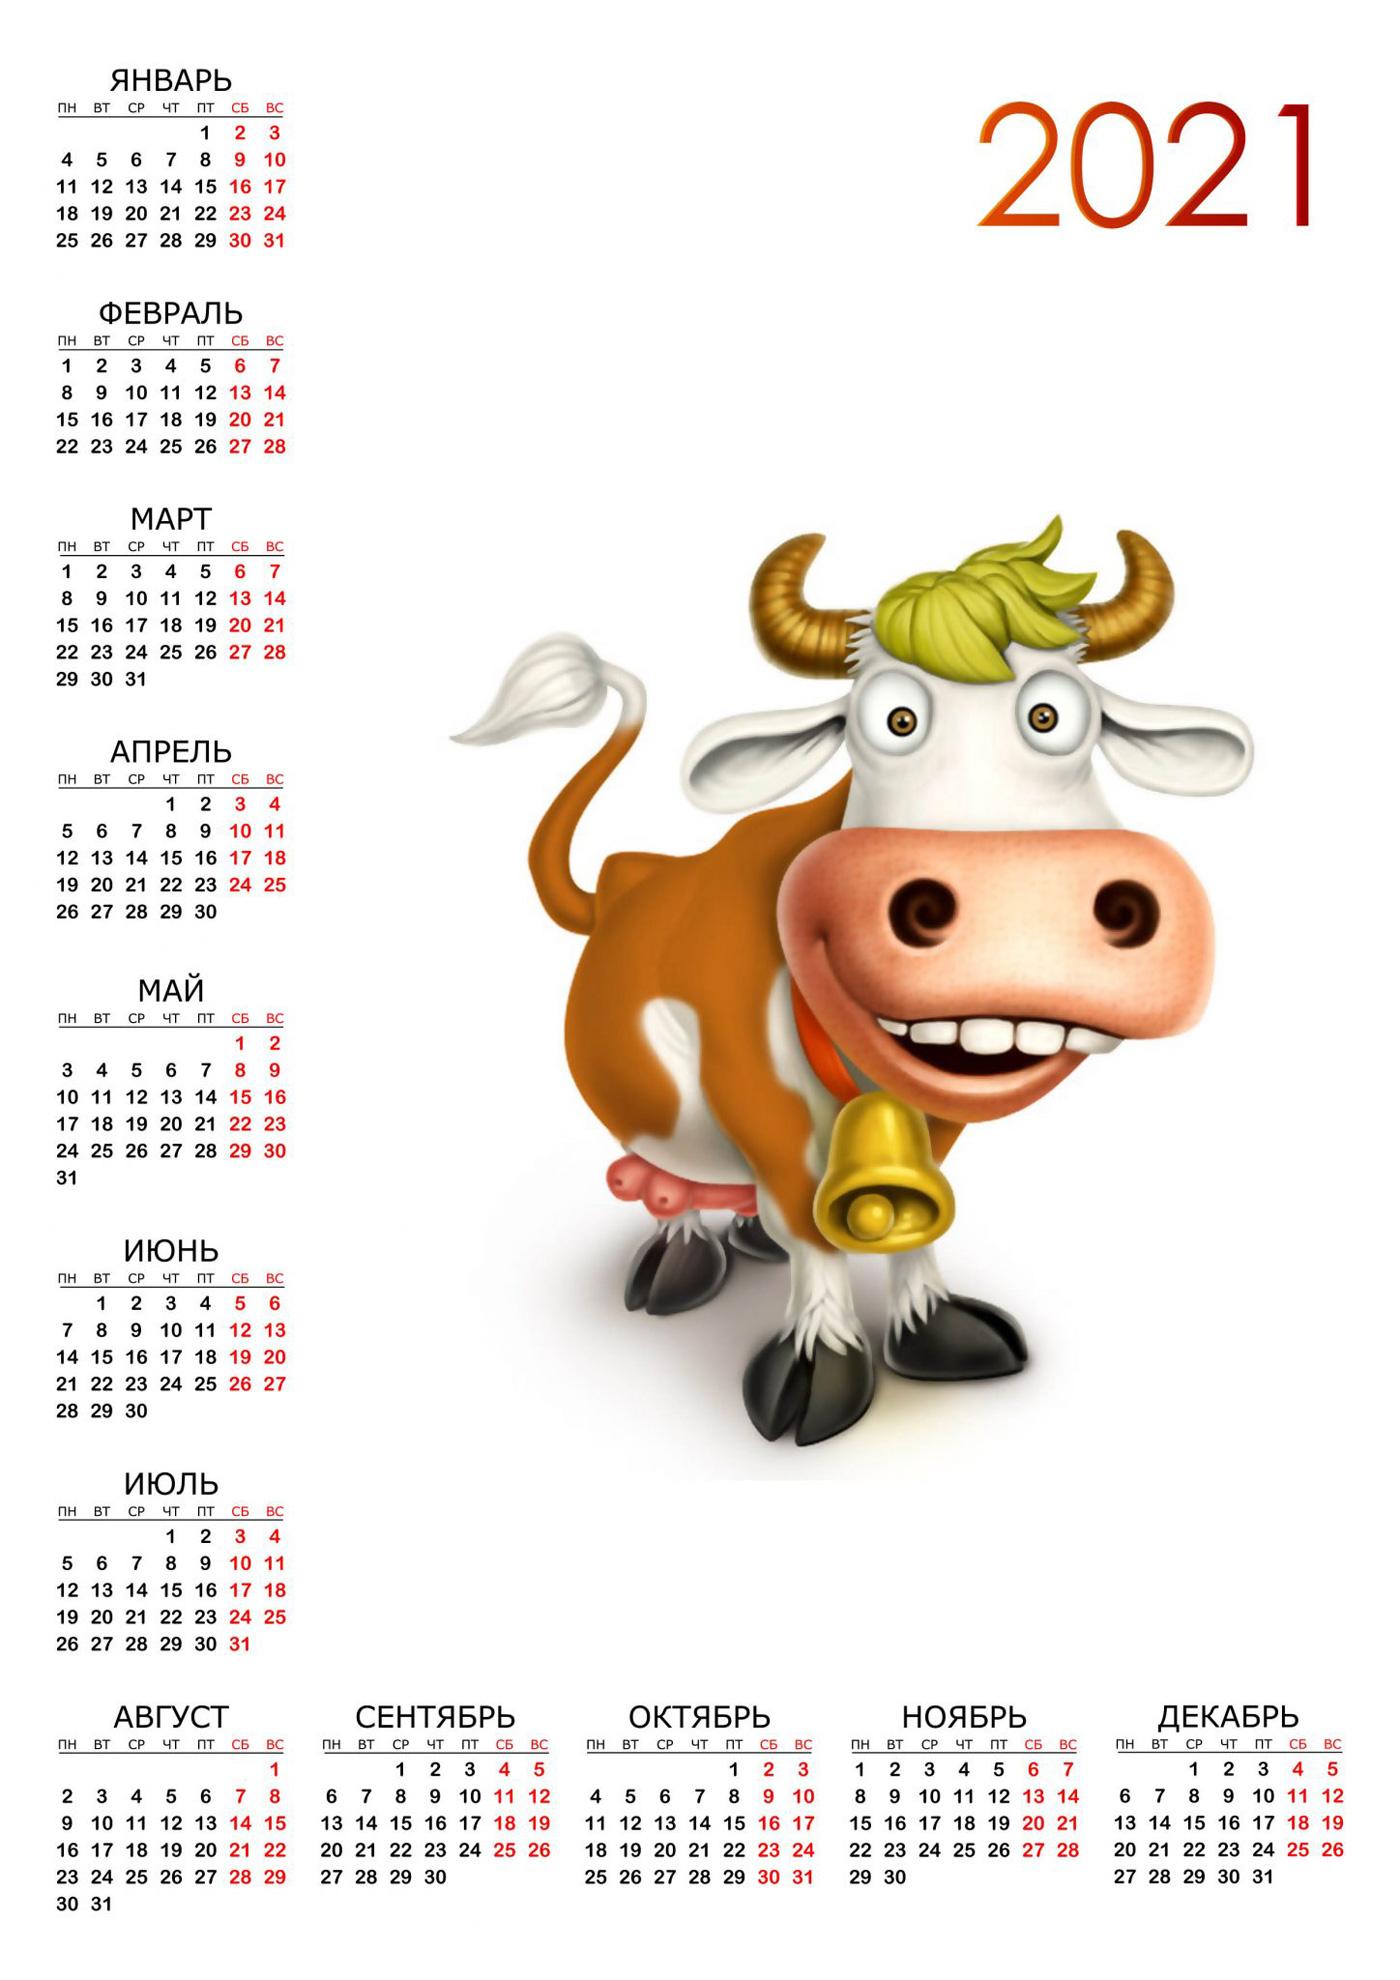 kalendar-na-novyj-god-byka-2021-s-izobrazheniem-simvola-goda-2